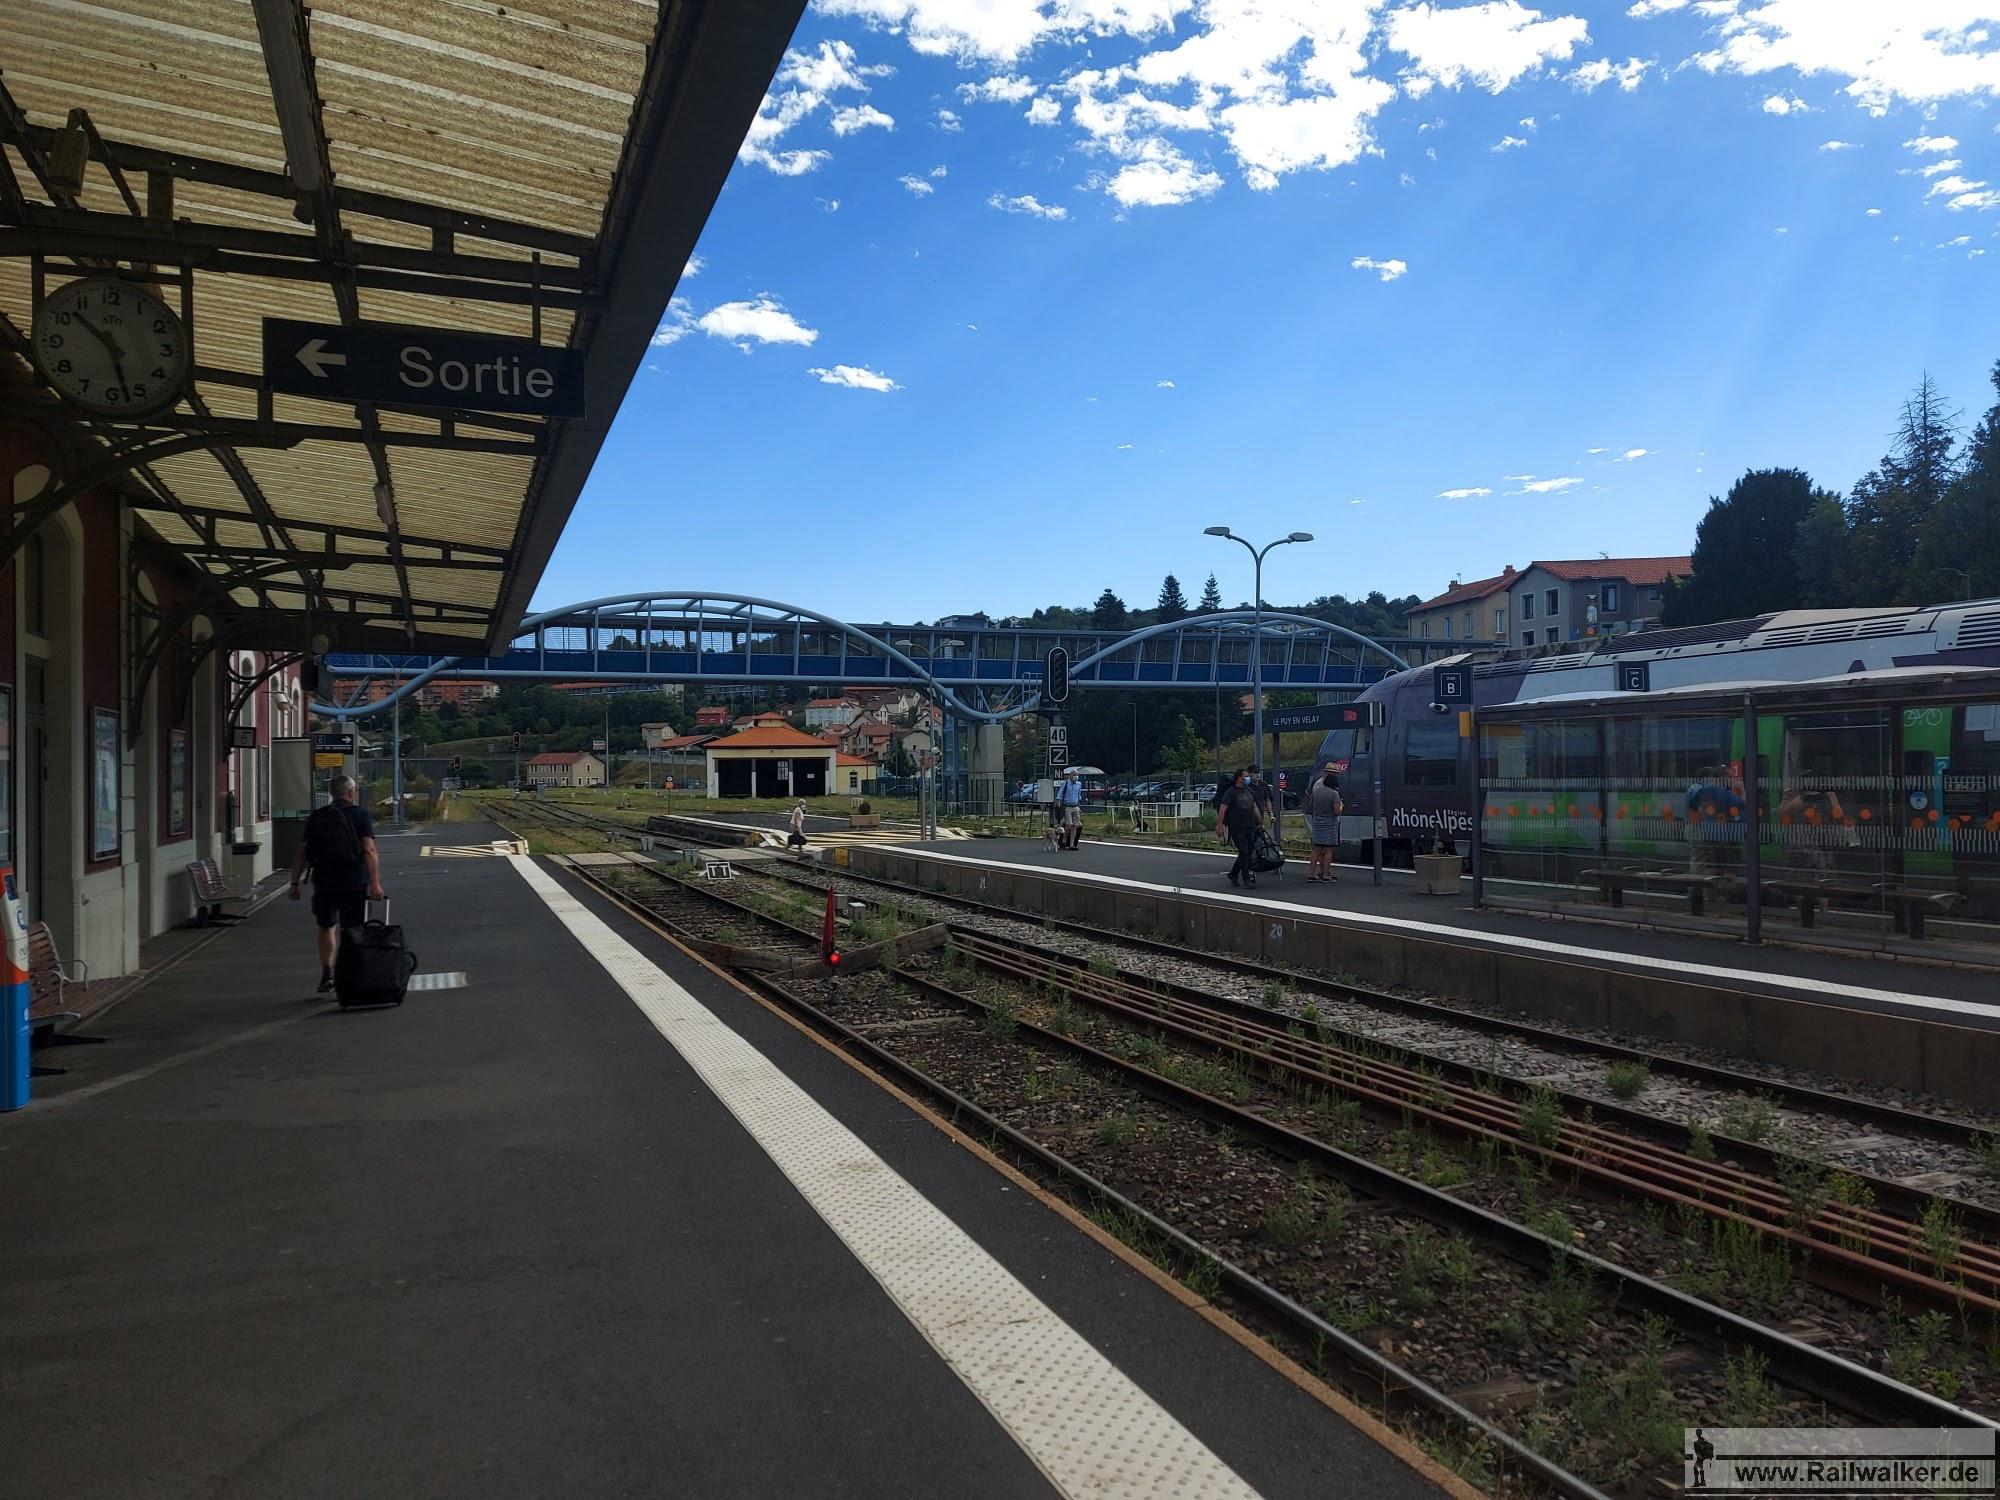 Ausgangspunkt der Wanderung zum GR3 Startpunkt ist der Bahnhof von Le Puy.